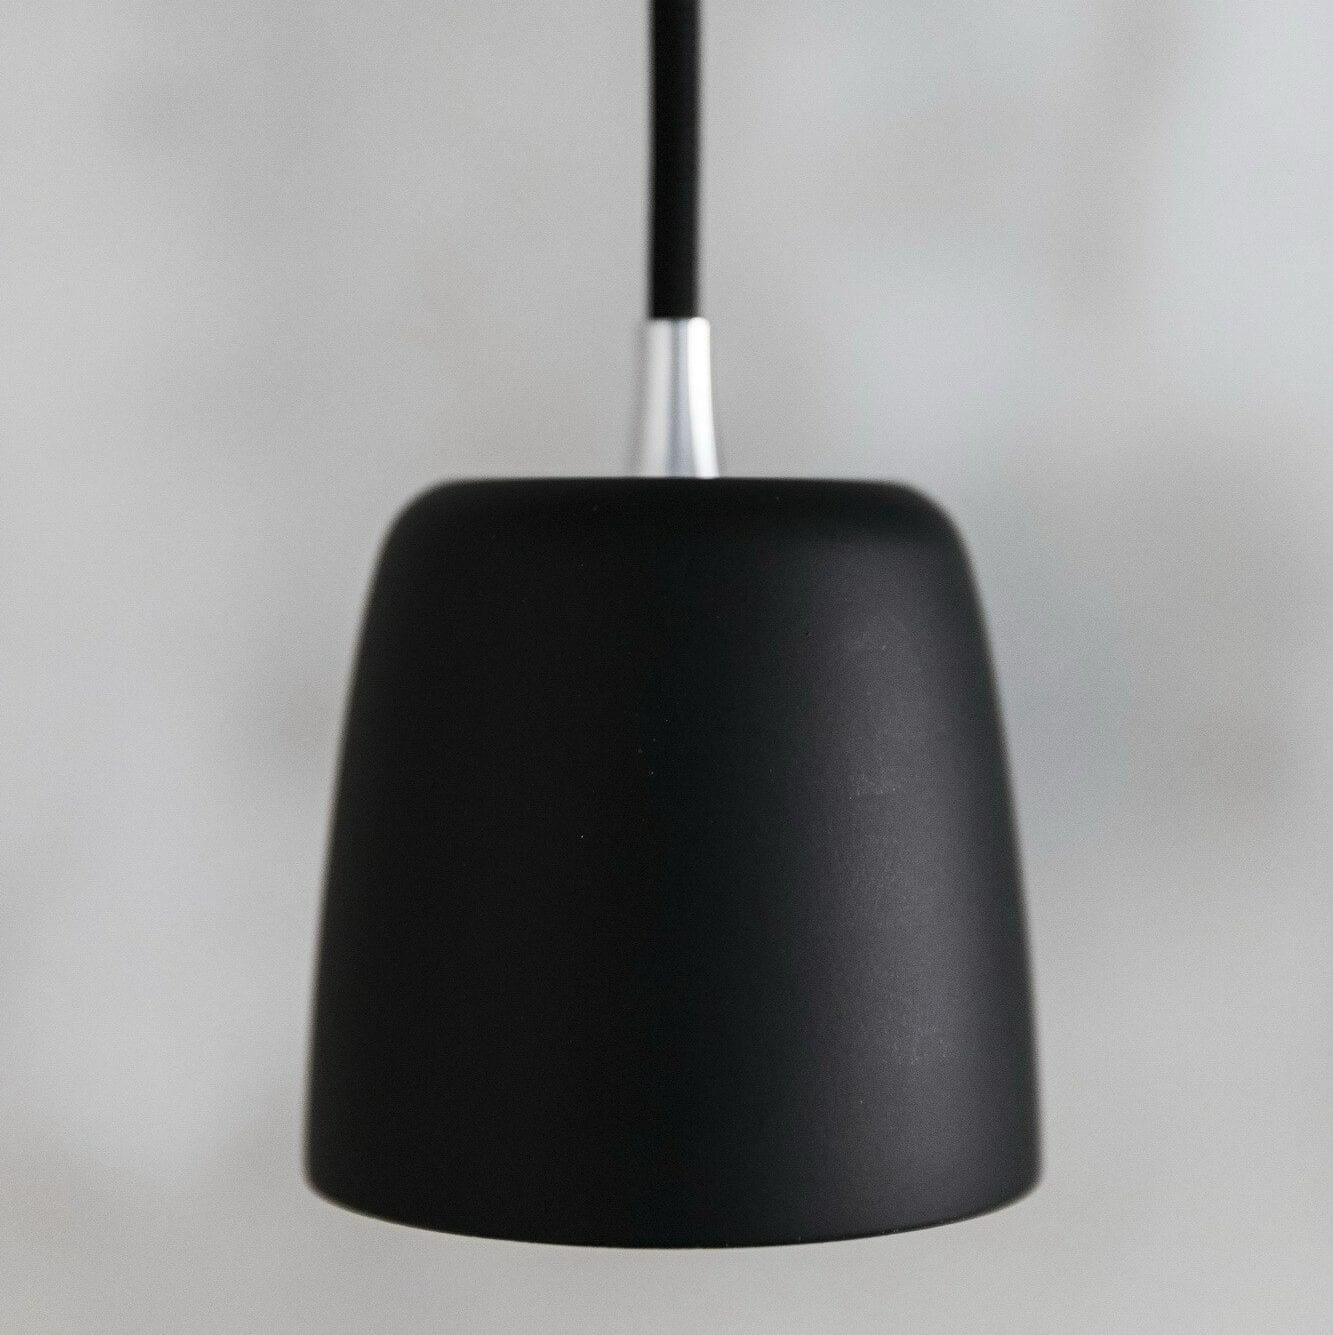 Noir pendel 85 Matt sort | Illuminor as